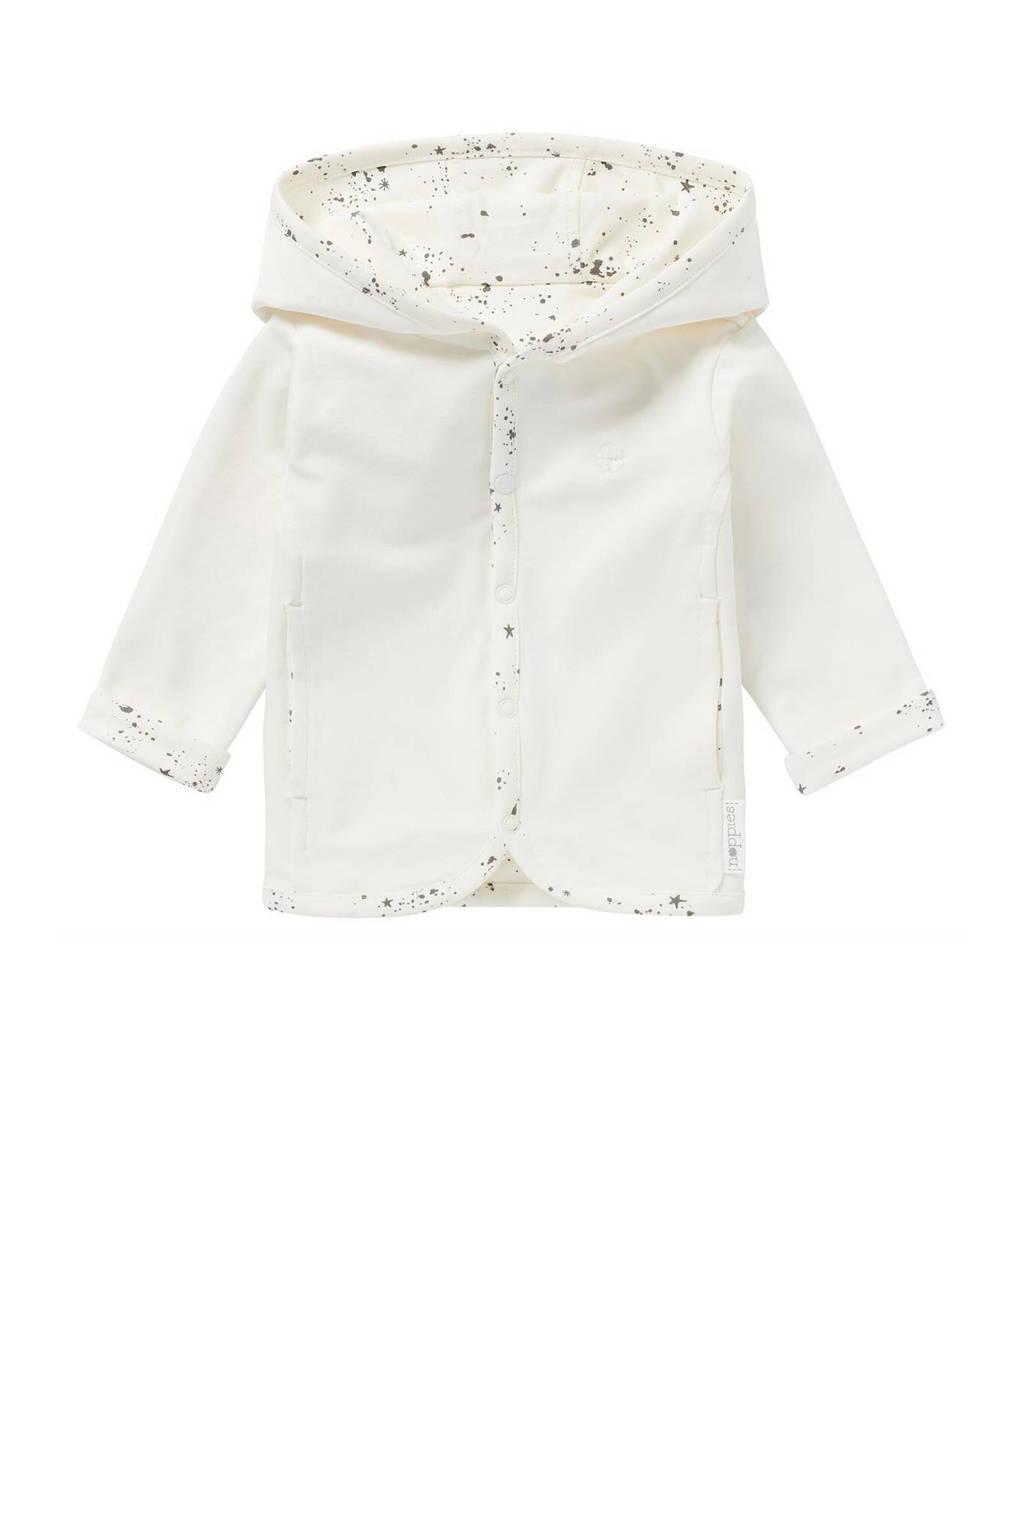 Noppies baby reversible vest Bonny wit/antraciet, Wit/antraciet